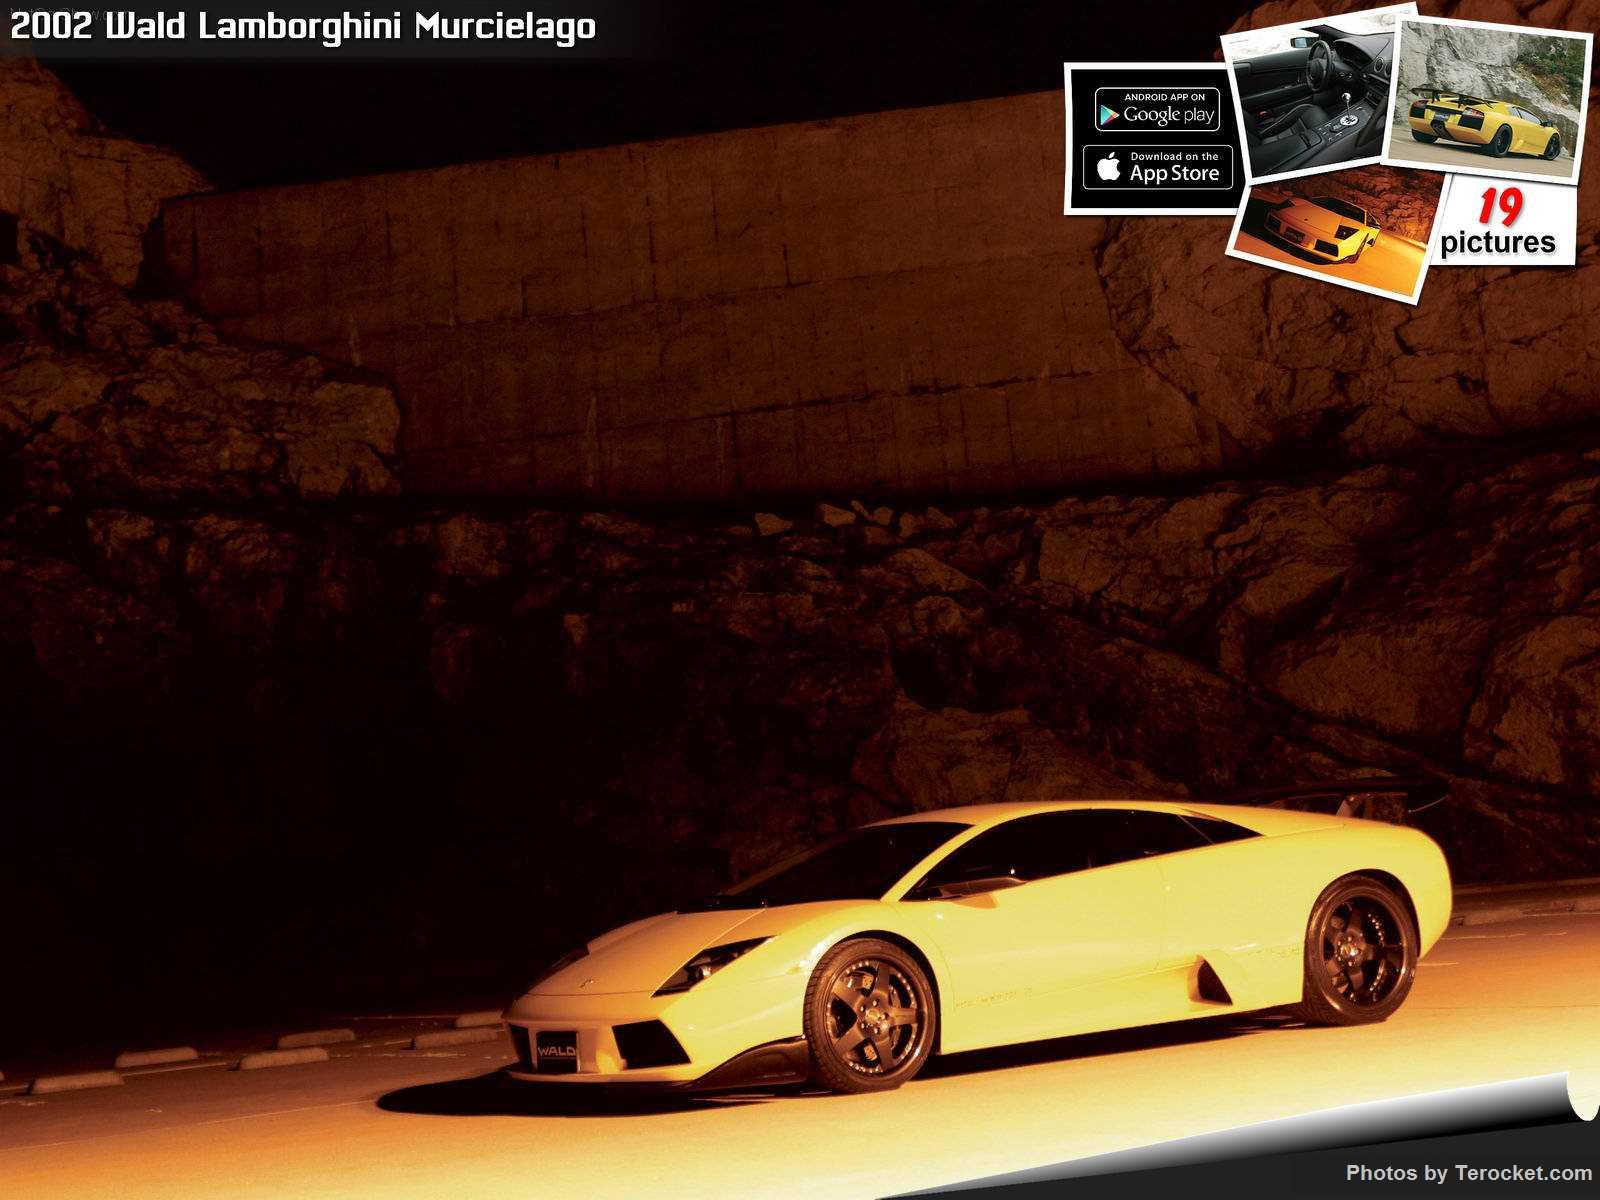 Hình ảnh xe độ Wald Lamborghini Murcielago 2002 & nội ngoại thất